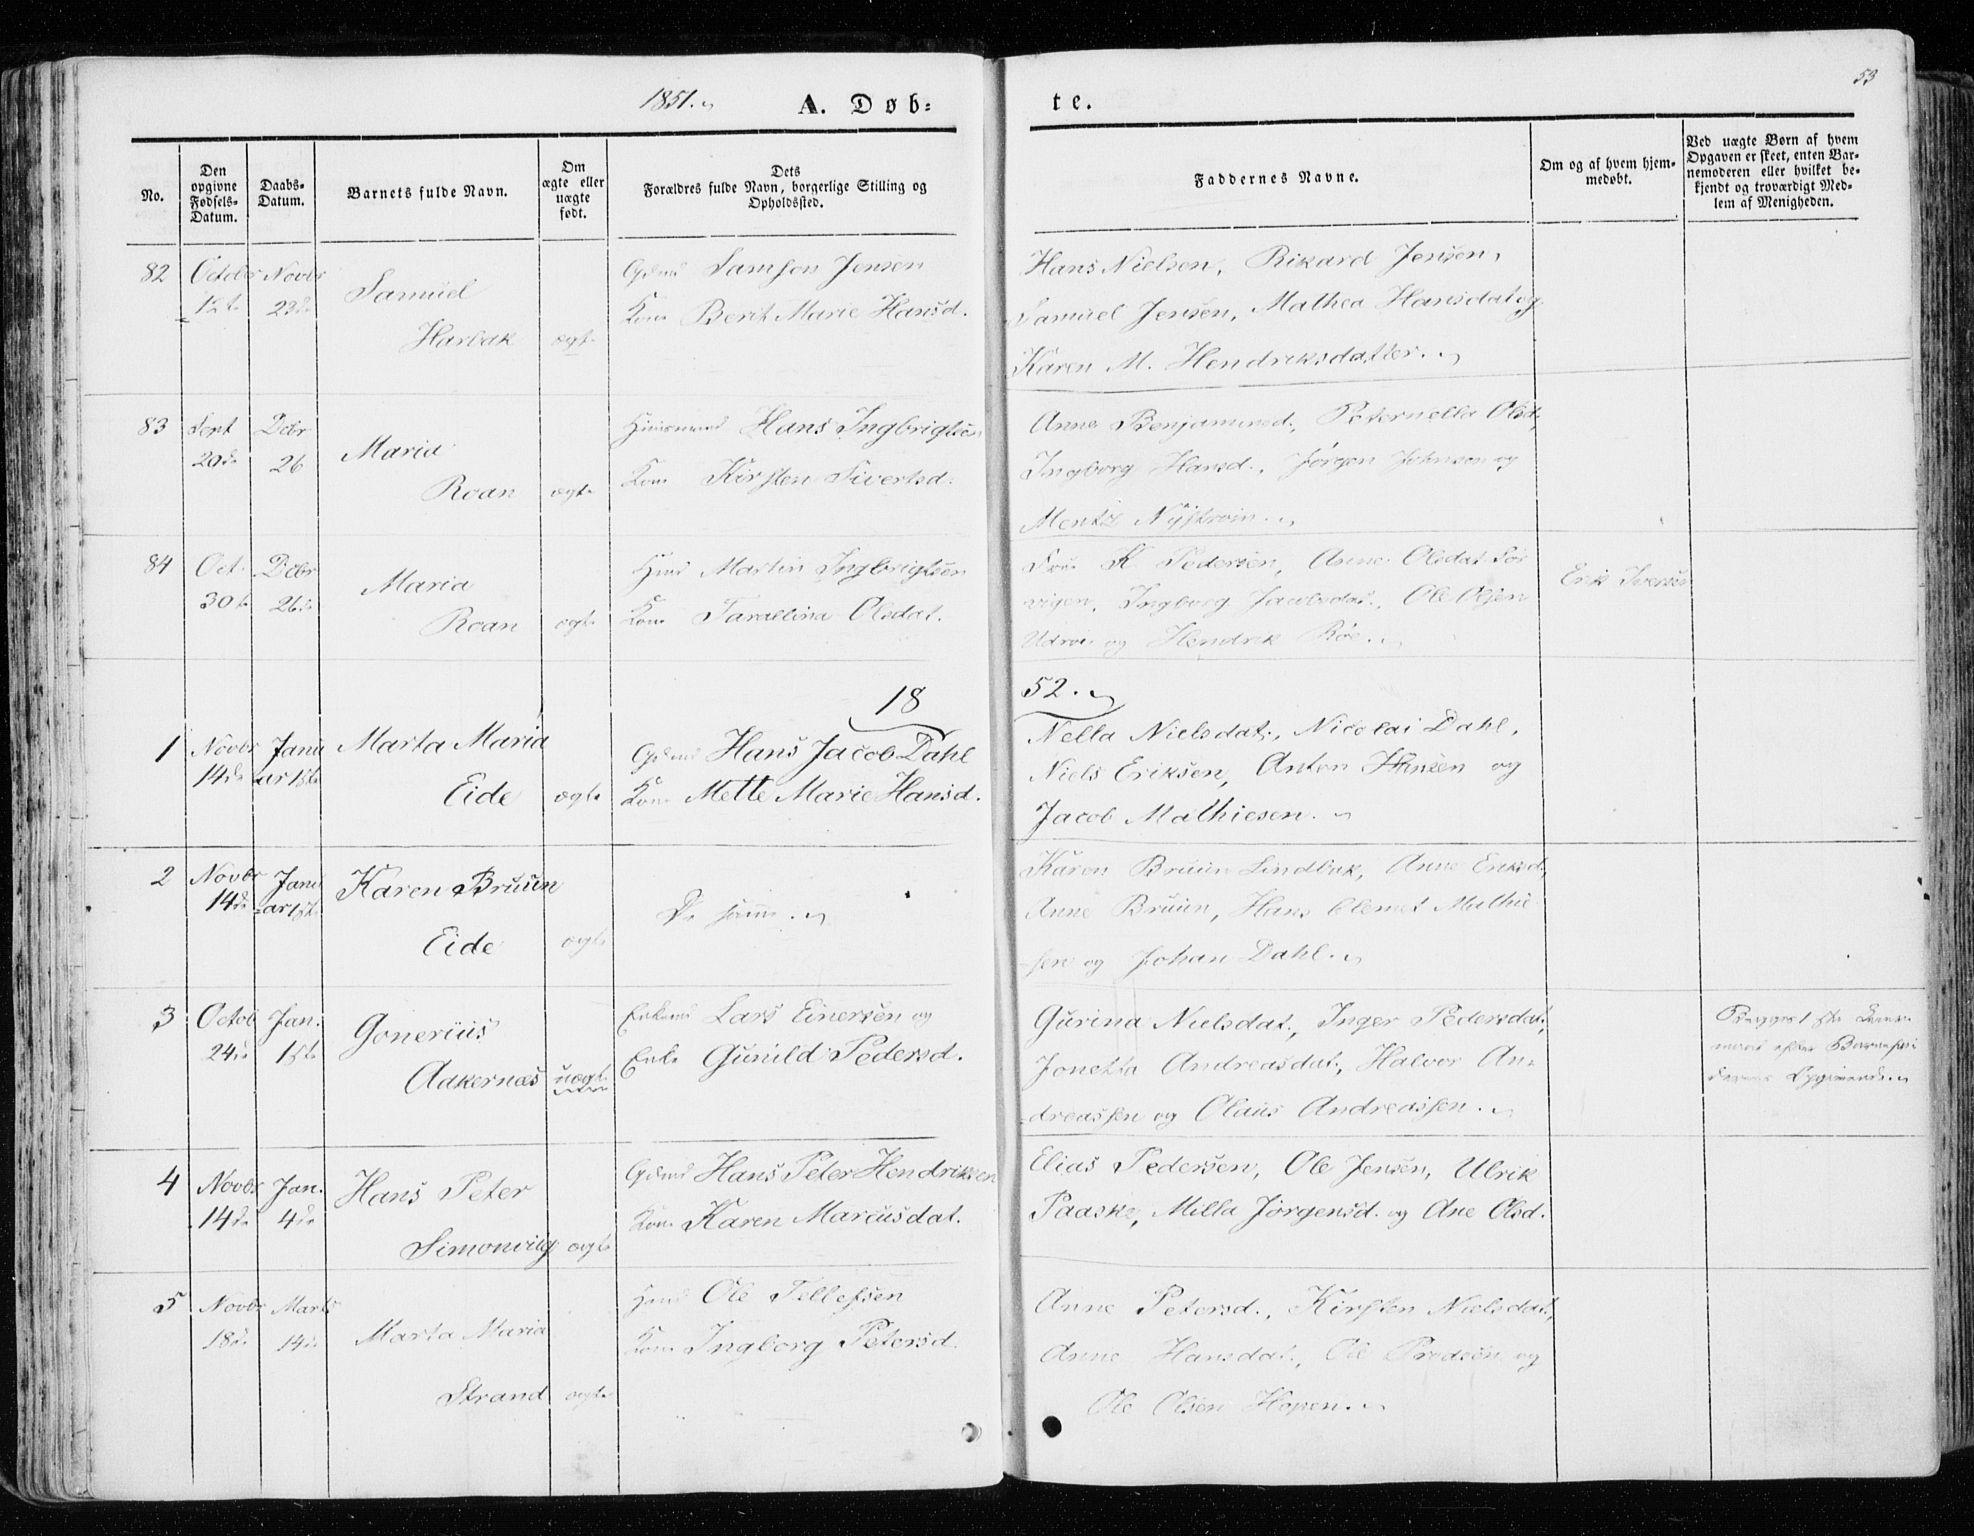 SAT, Ministerialprotokoller, klokkerbøker og fødselsregistre - Sør-Trøndelag, 657/L0704: Ministerialbok nr. 657A05, 1846-1857, s. 53